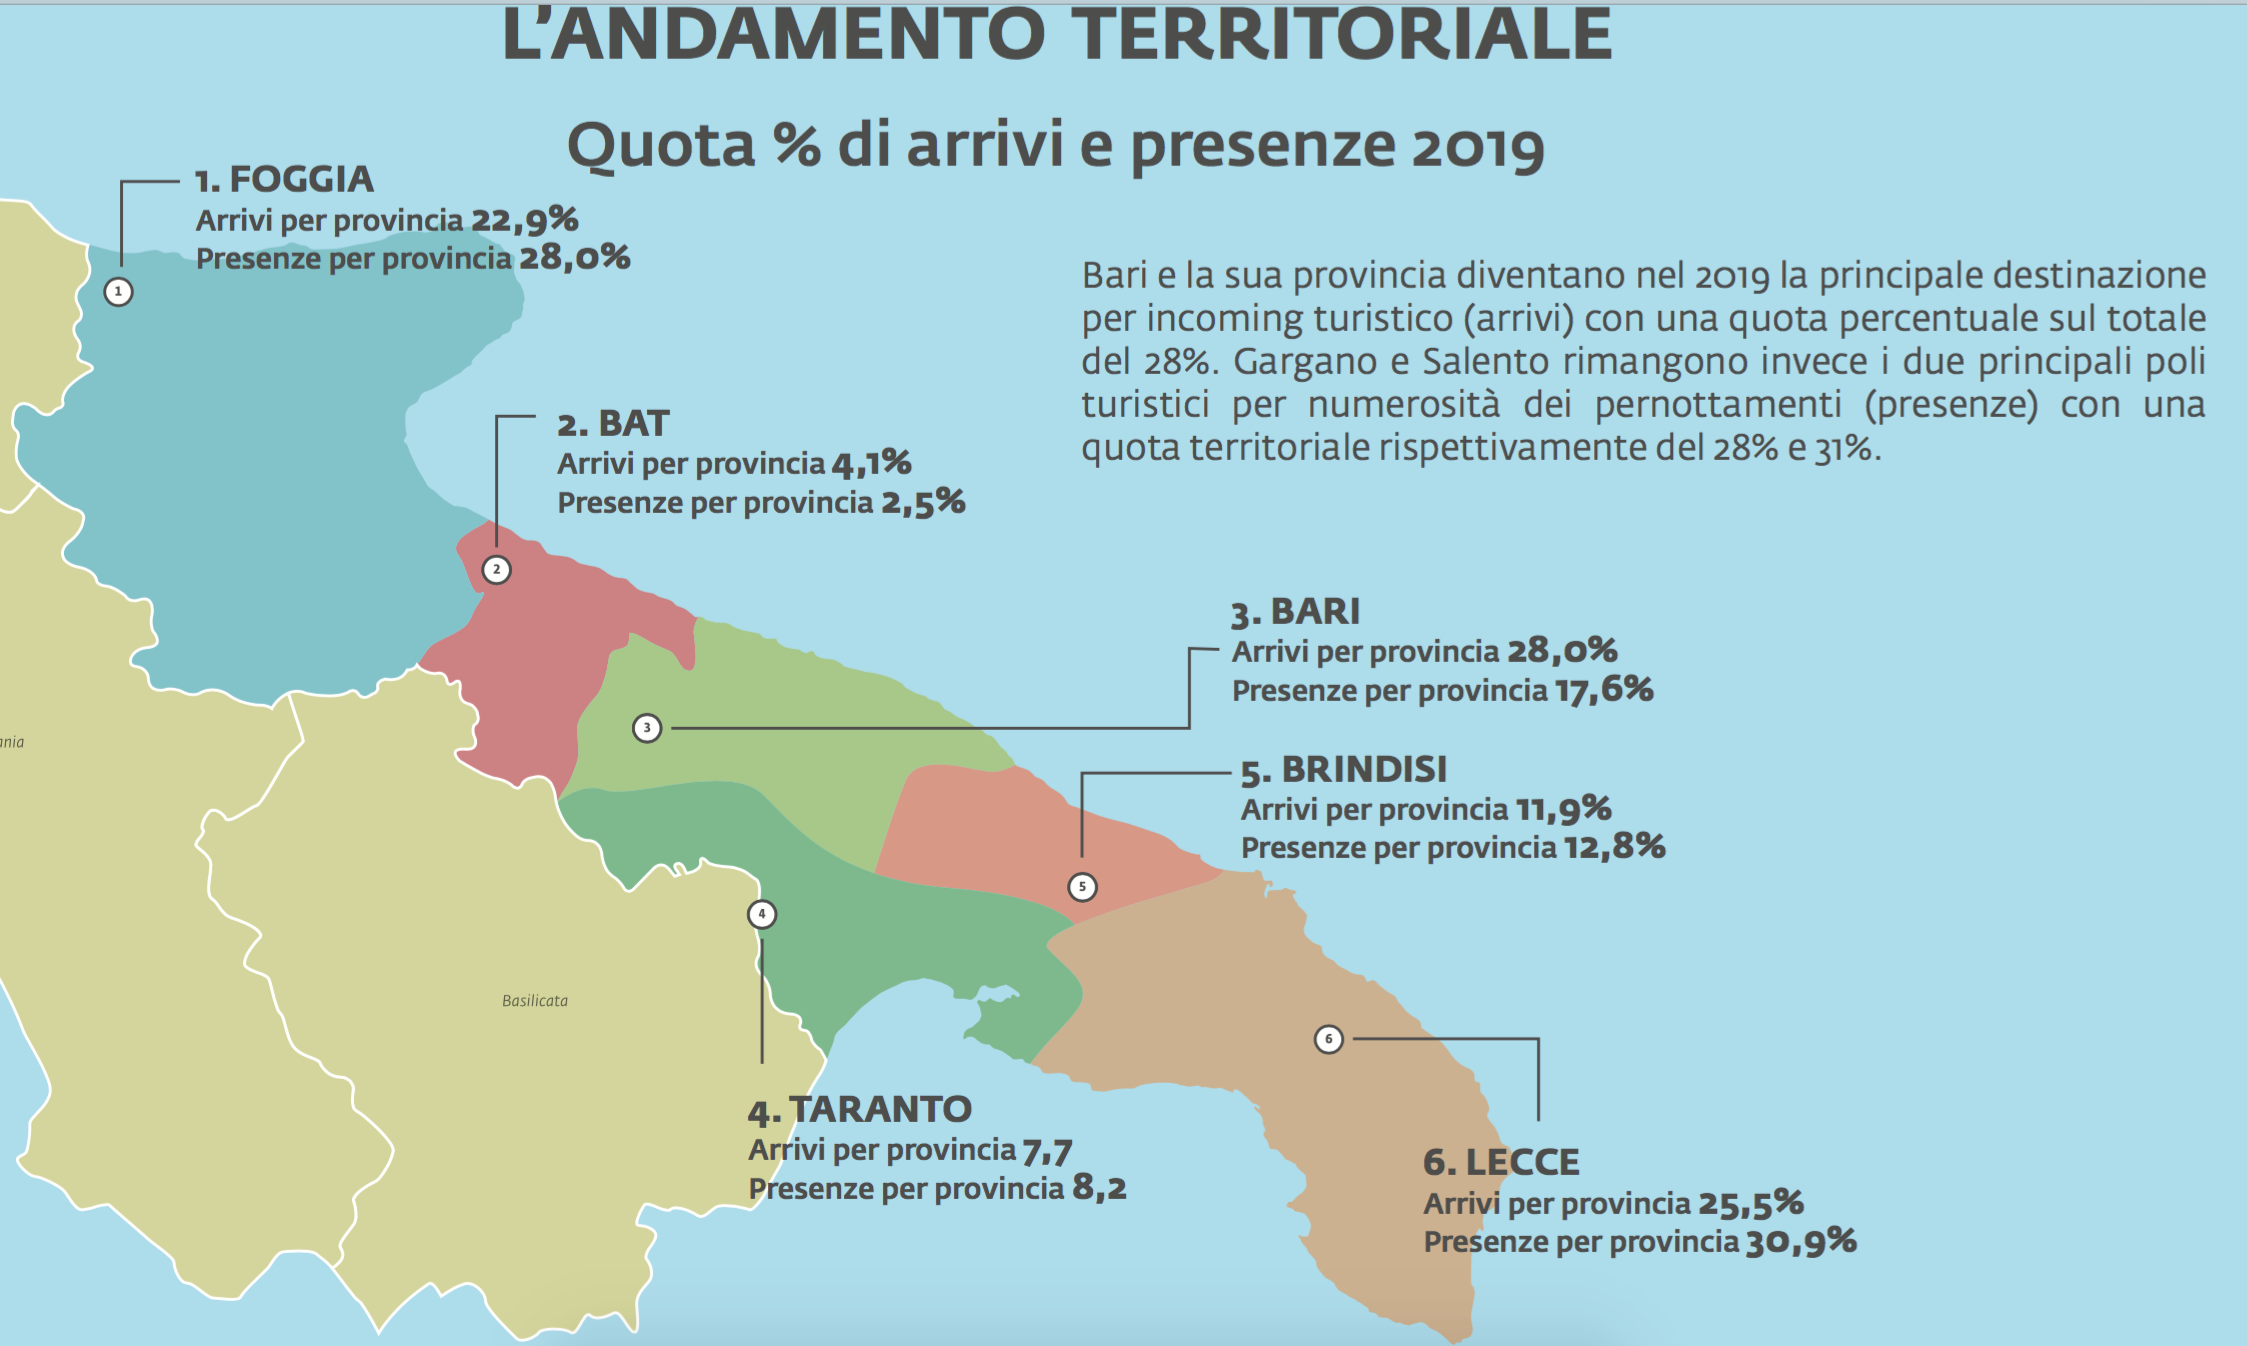 09 - presenze e arrivi nelle diverse province